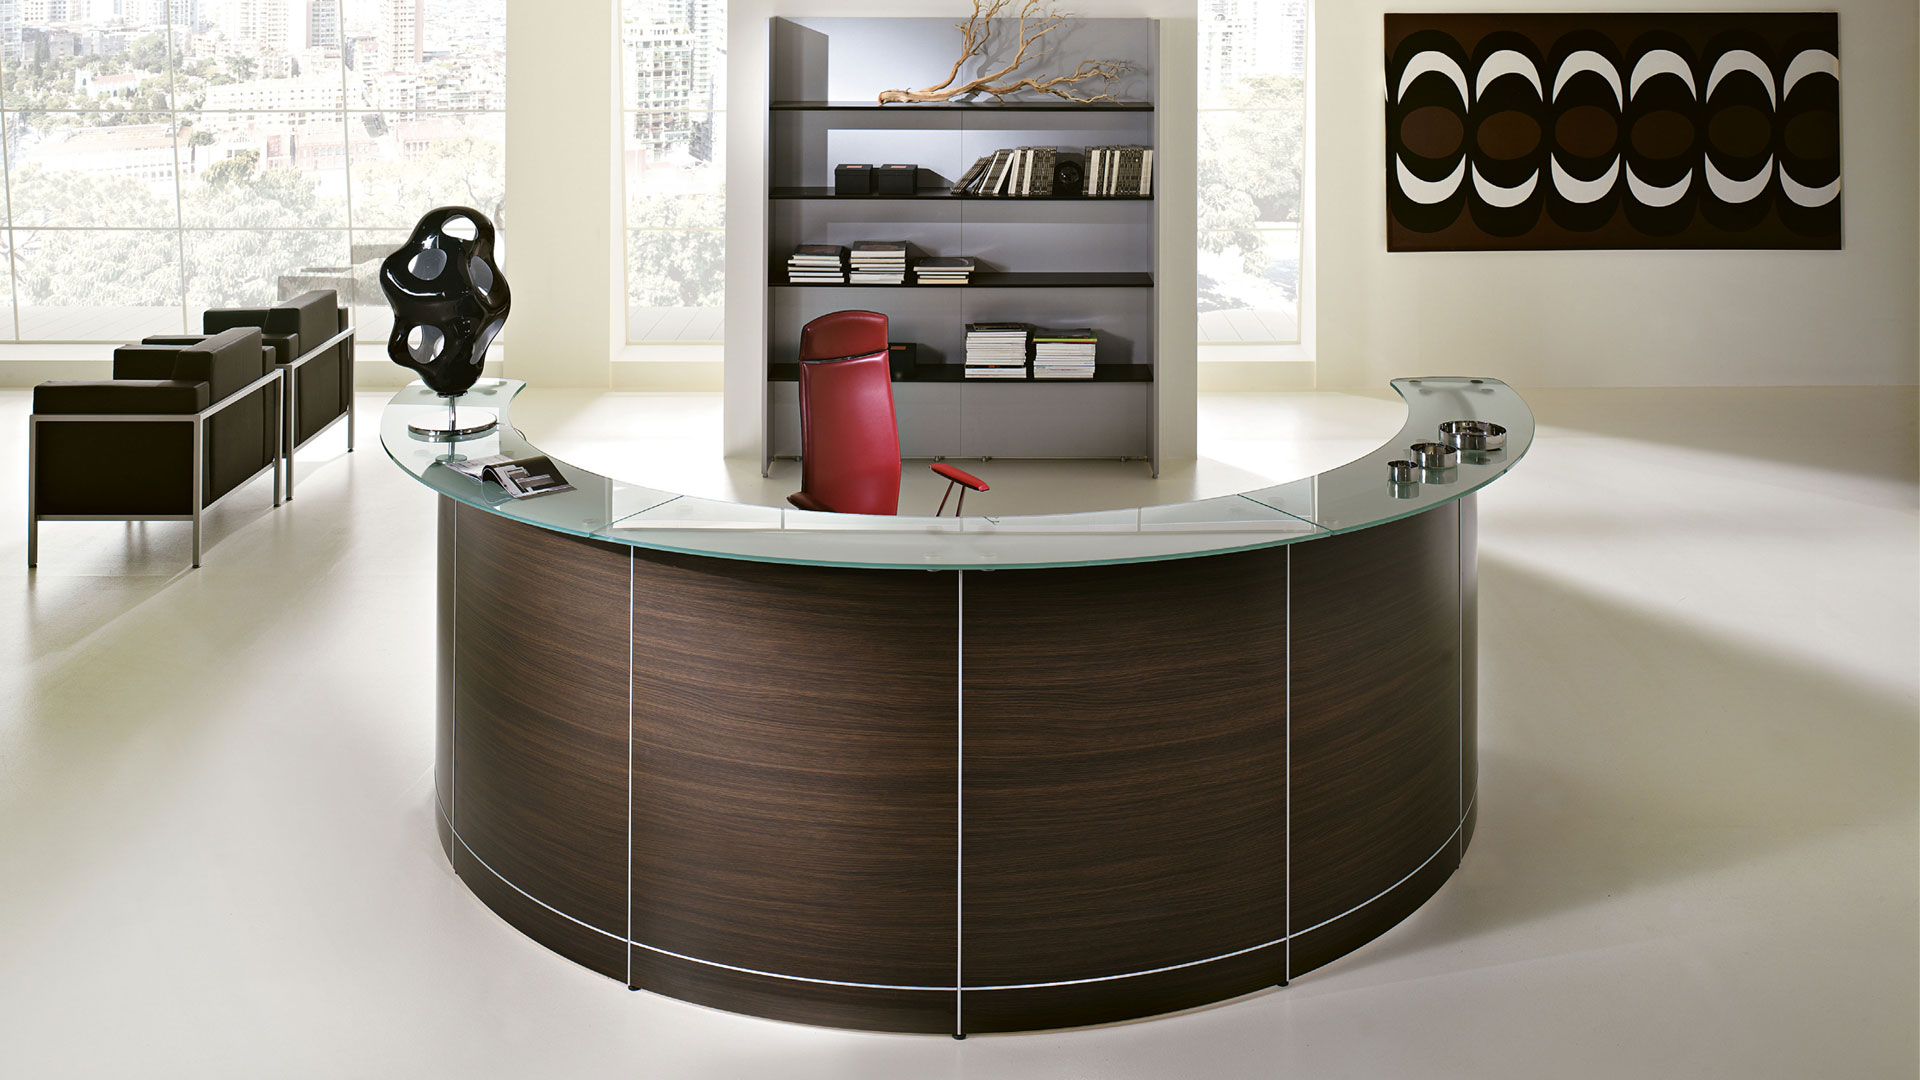 Российское представительство фабрики офисной мебели LAS